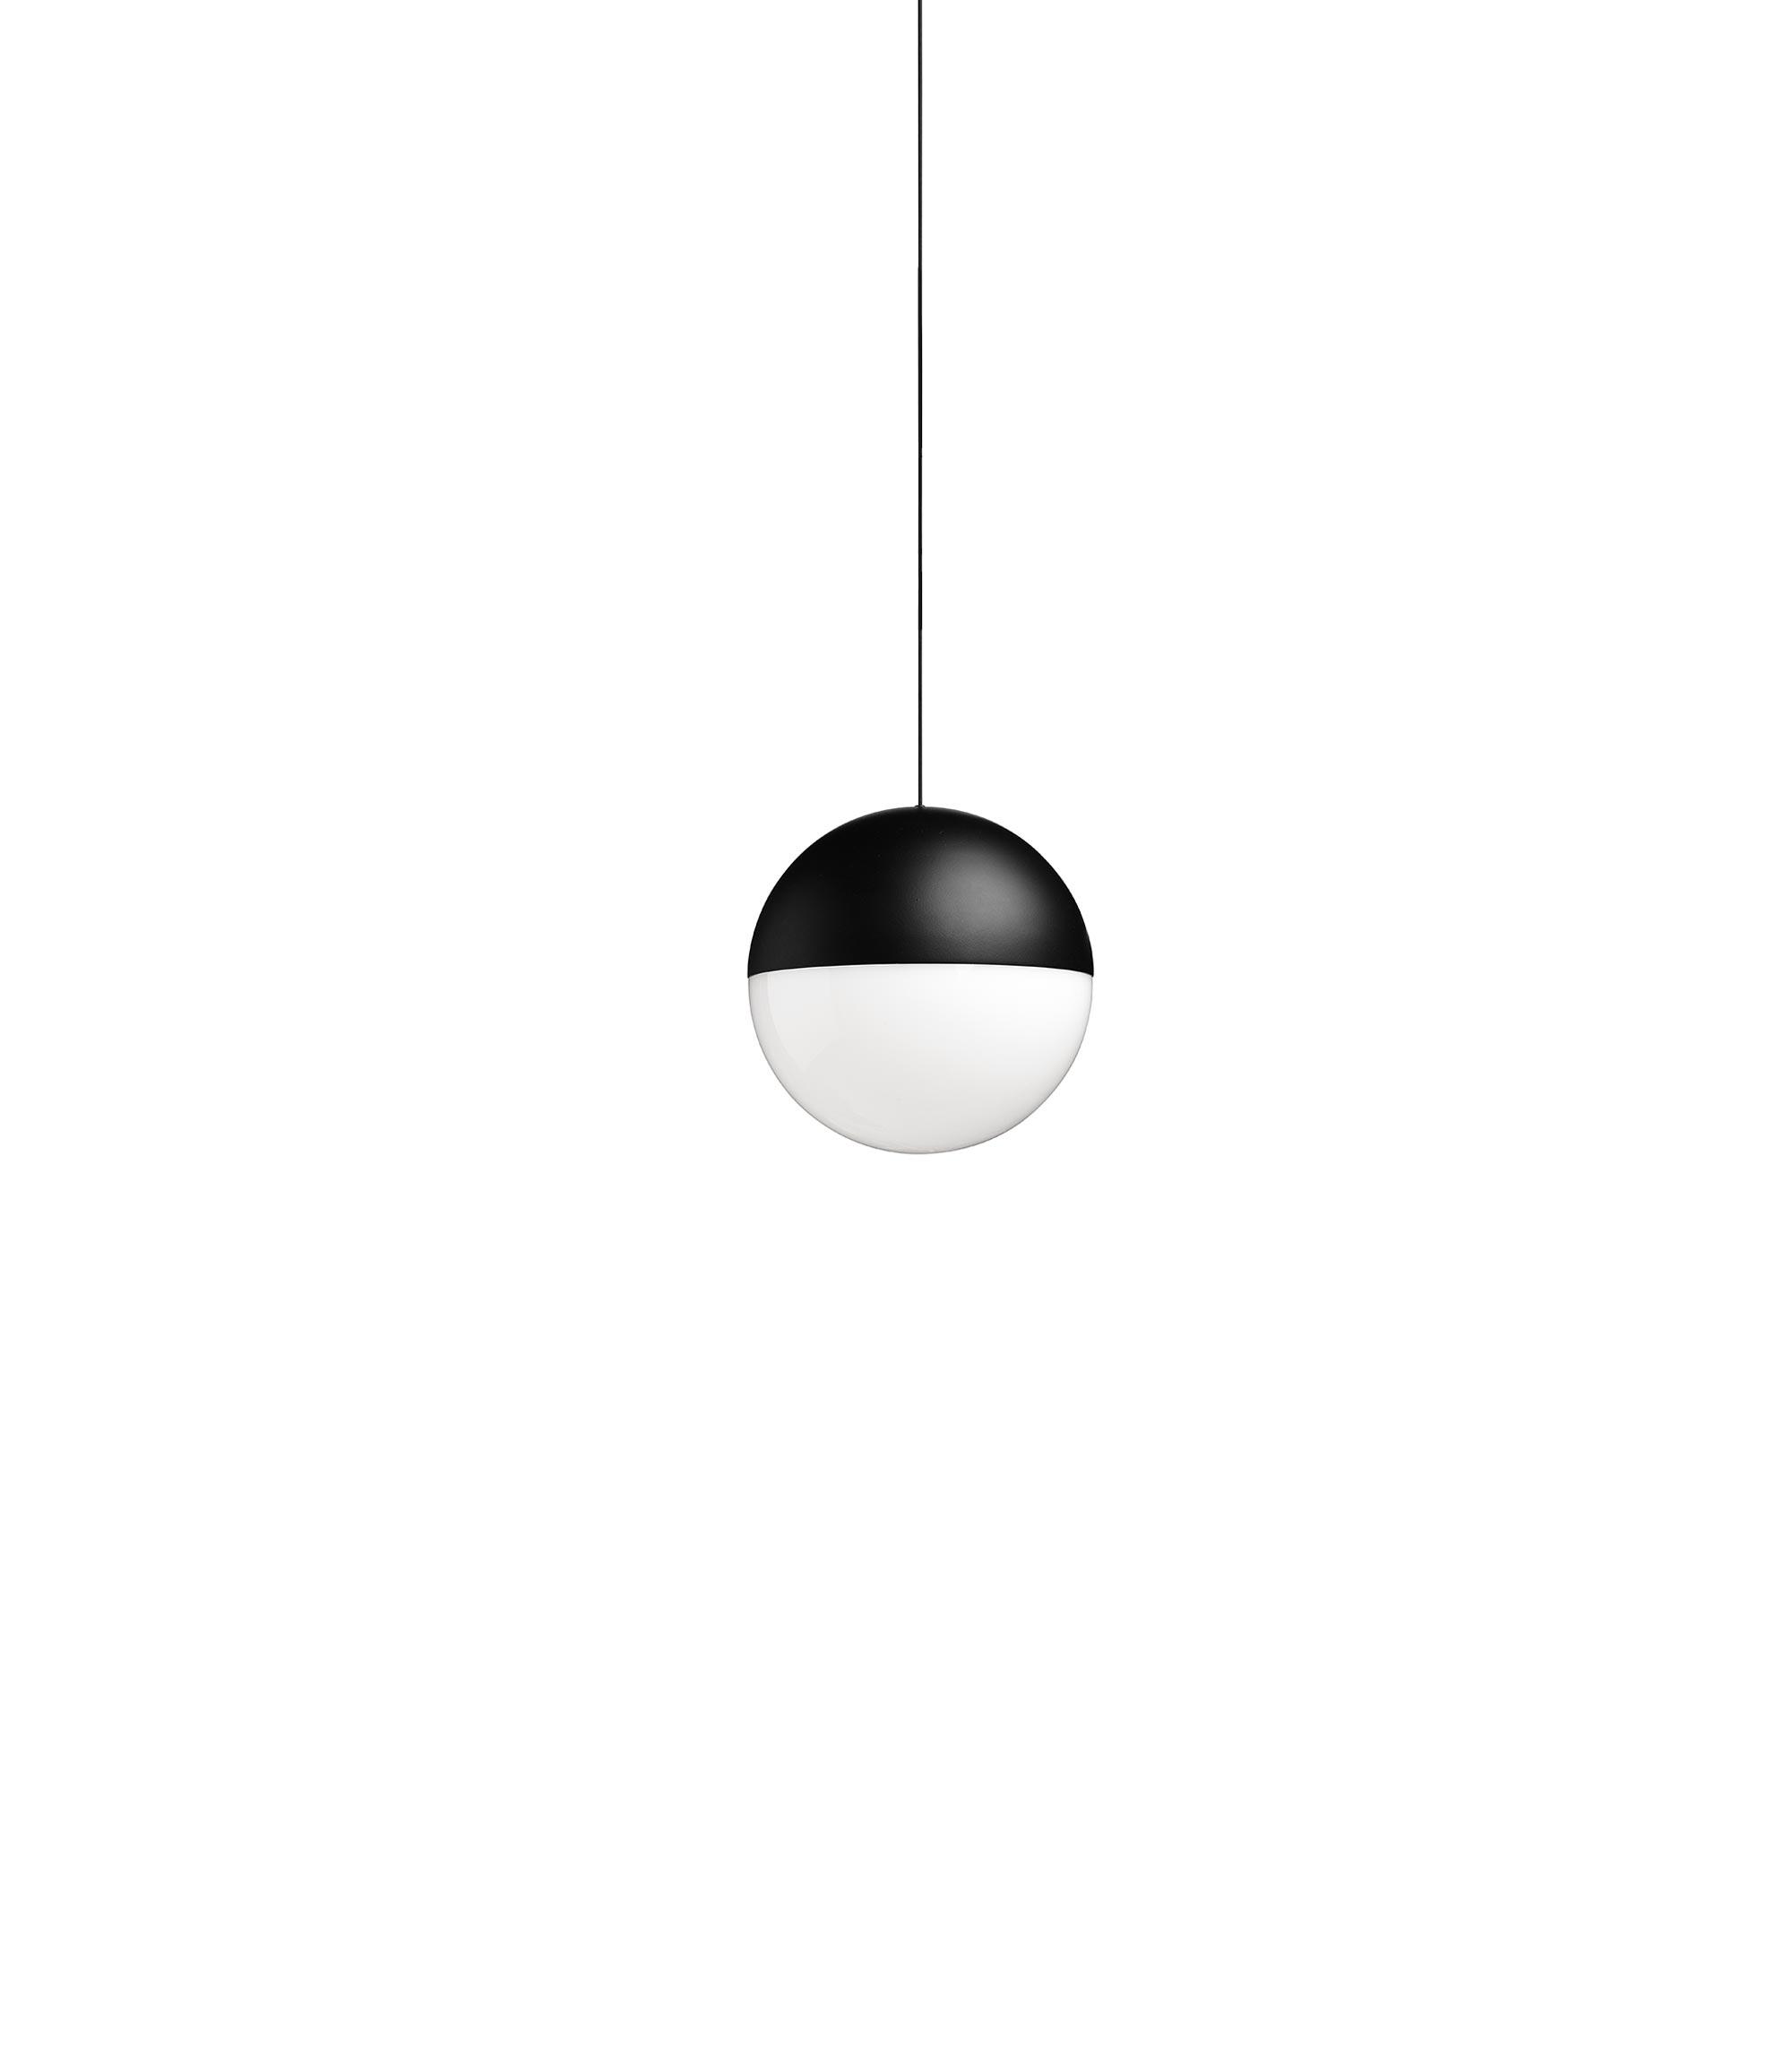 String light suspension sphere anastassiades flos F6480030 product still life big